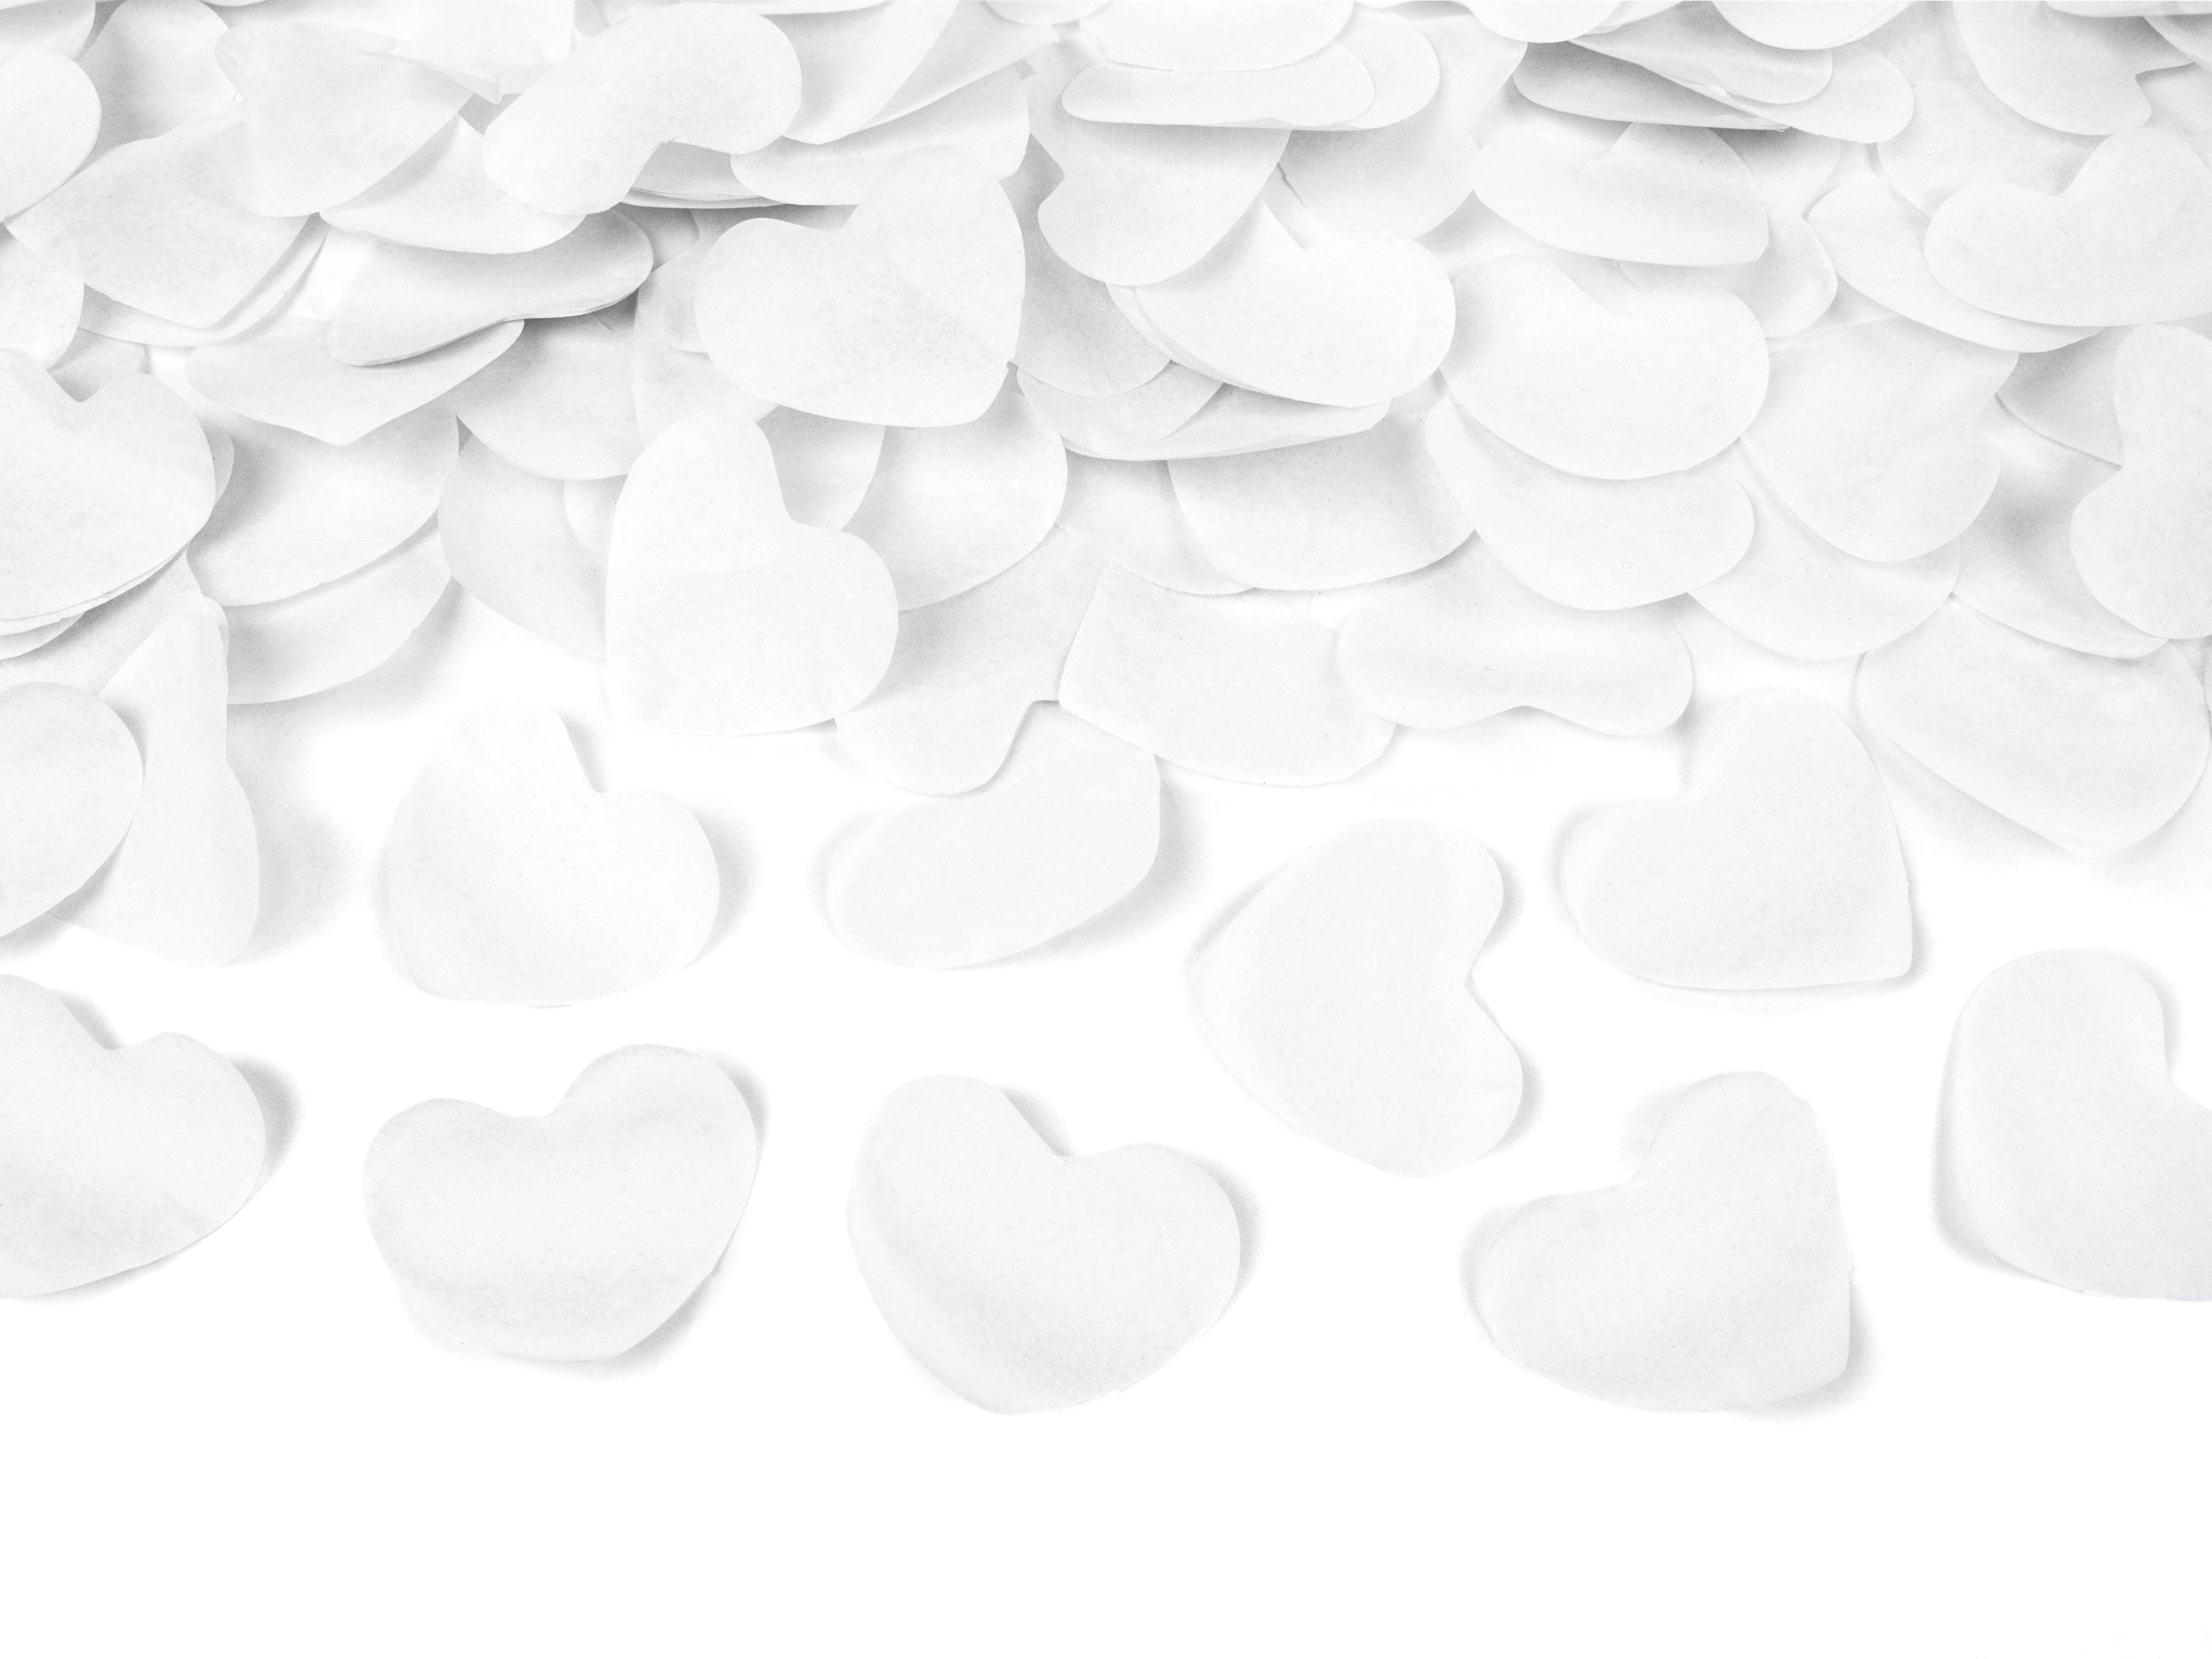 strzelajace-konfetti-biale-serca-wielkosc-tuby-40-cm